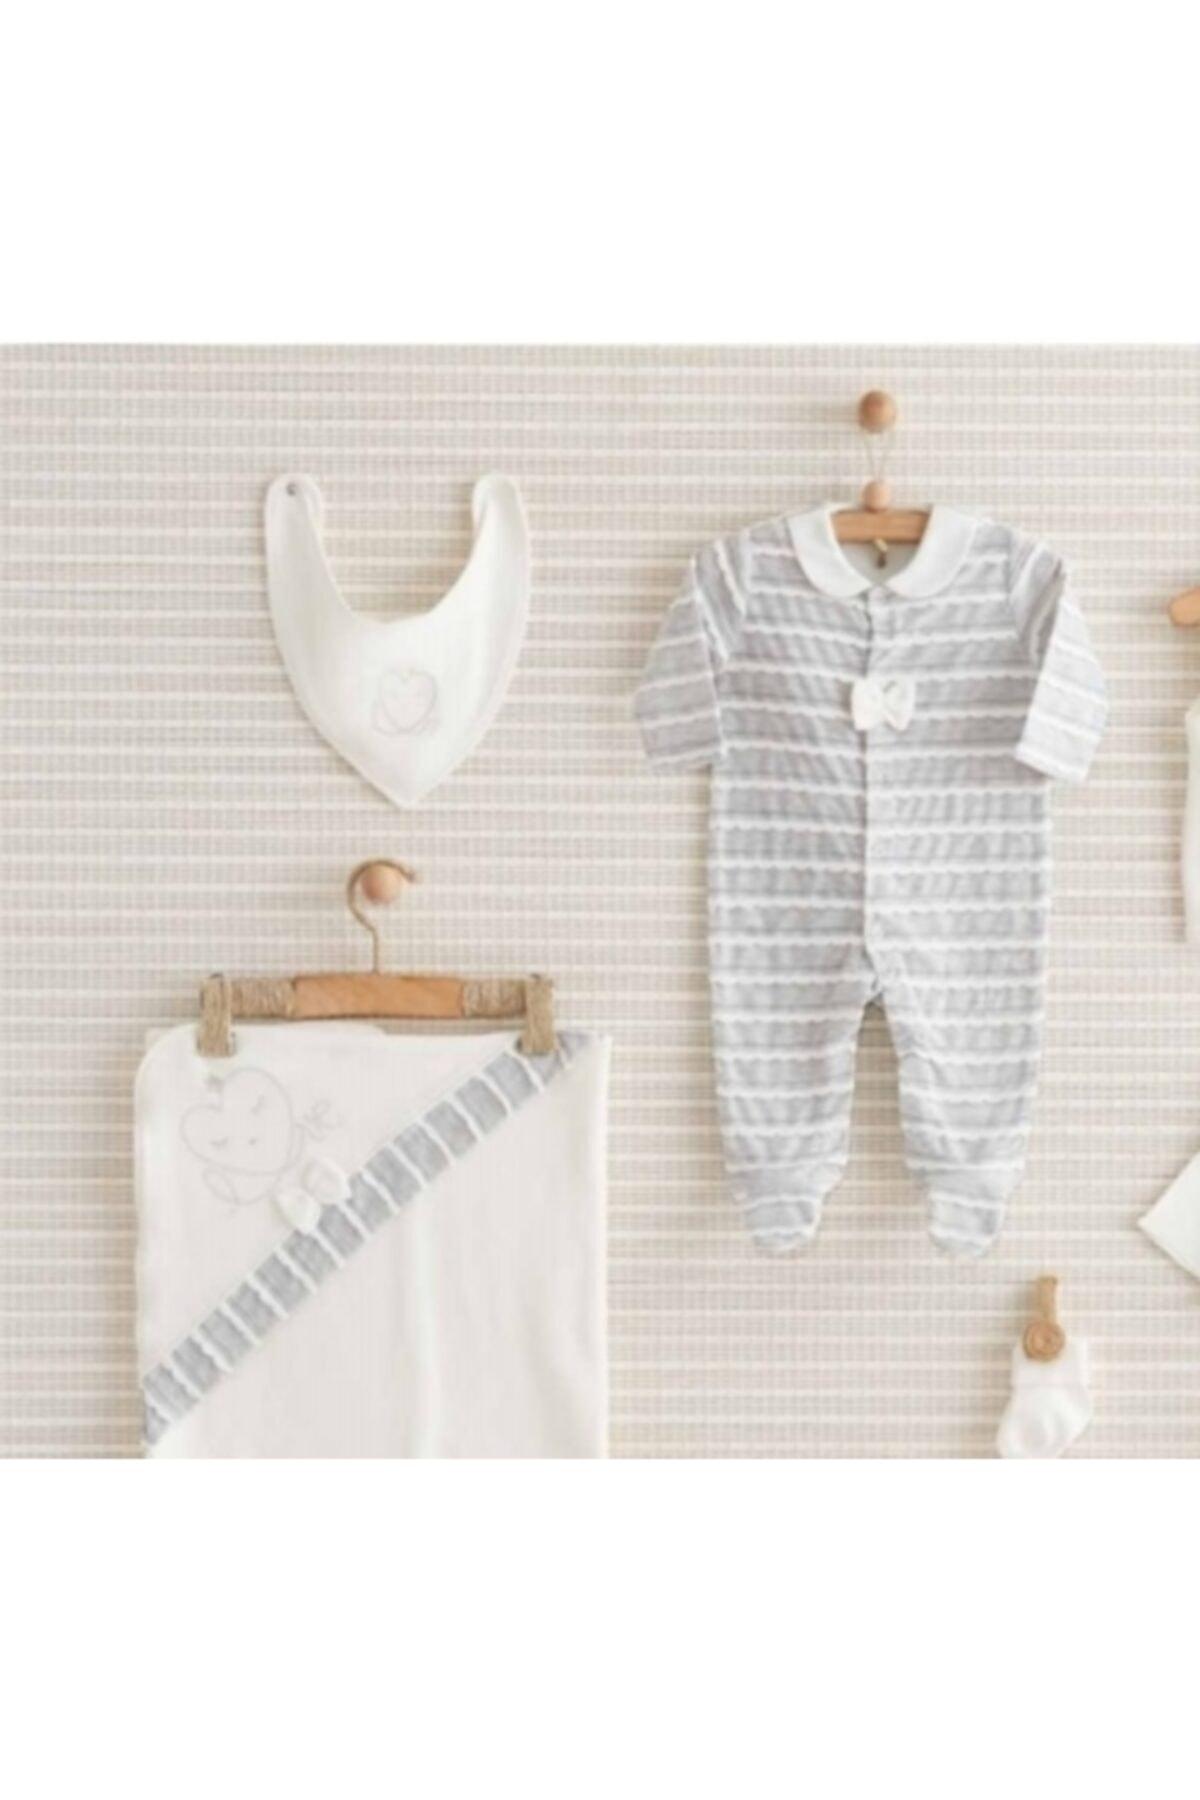 Bebbek Kalpli Beyaz 10 Lu Hastahane Çıkış Seti 2